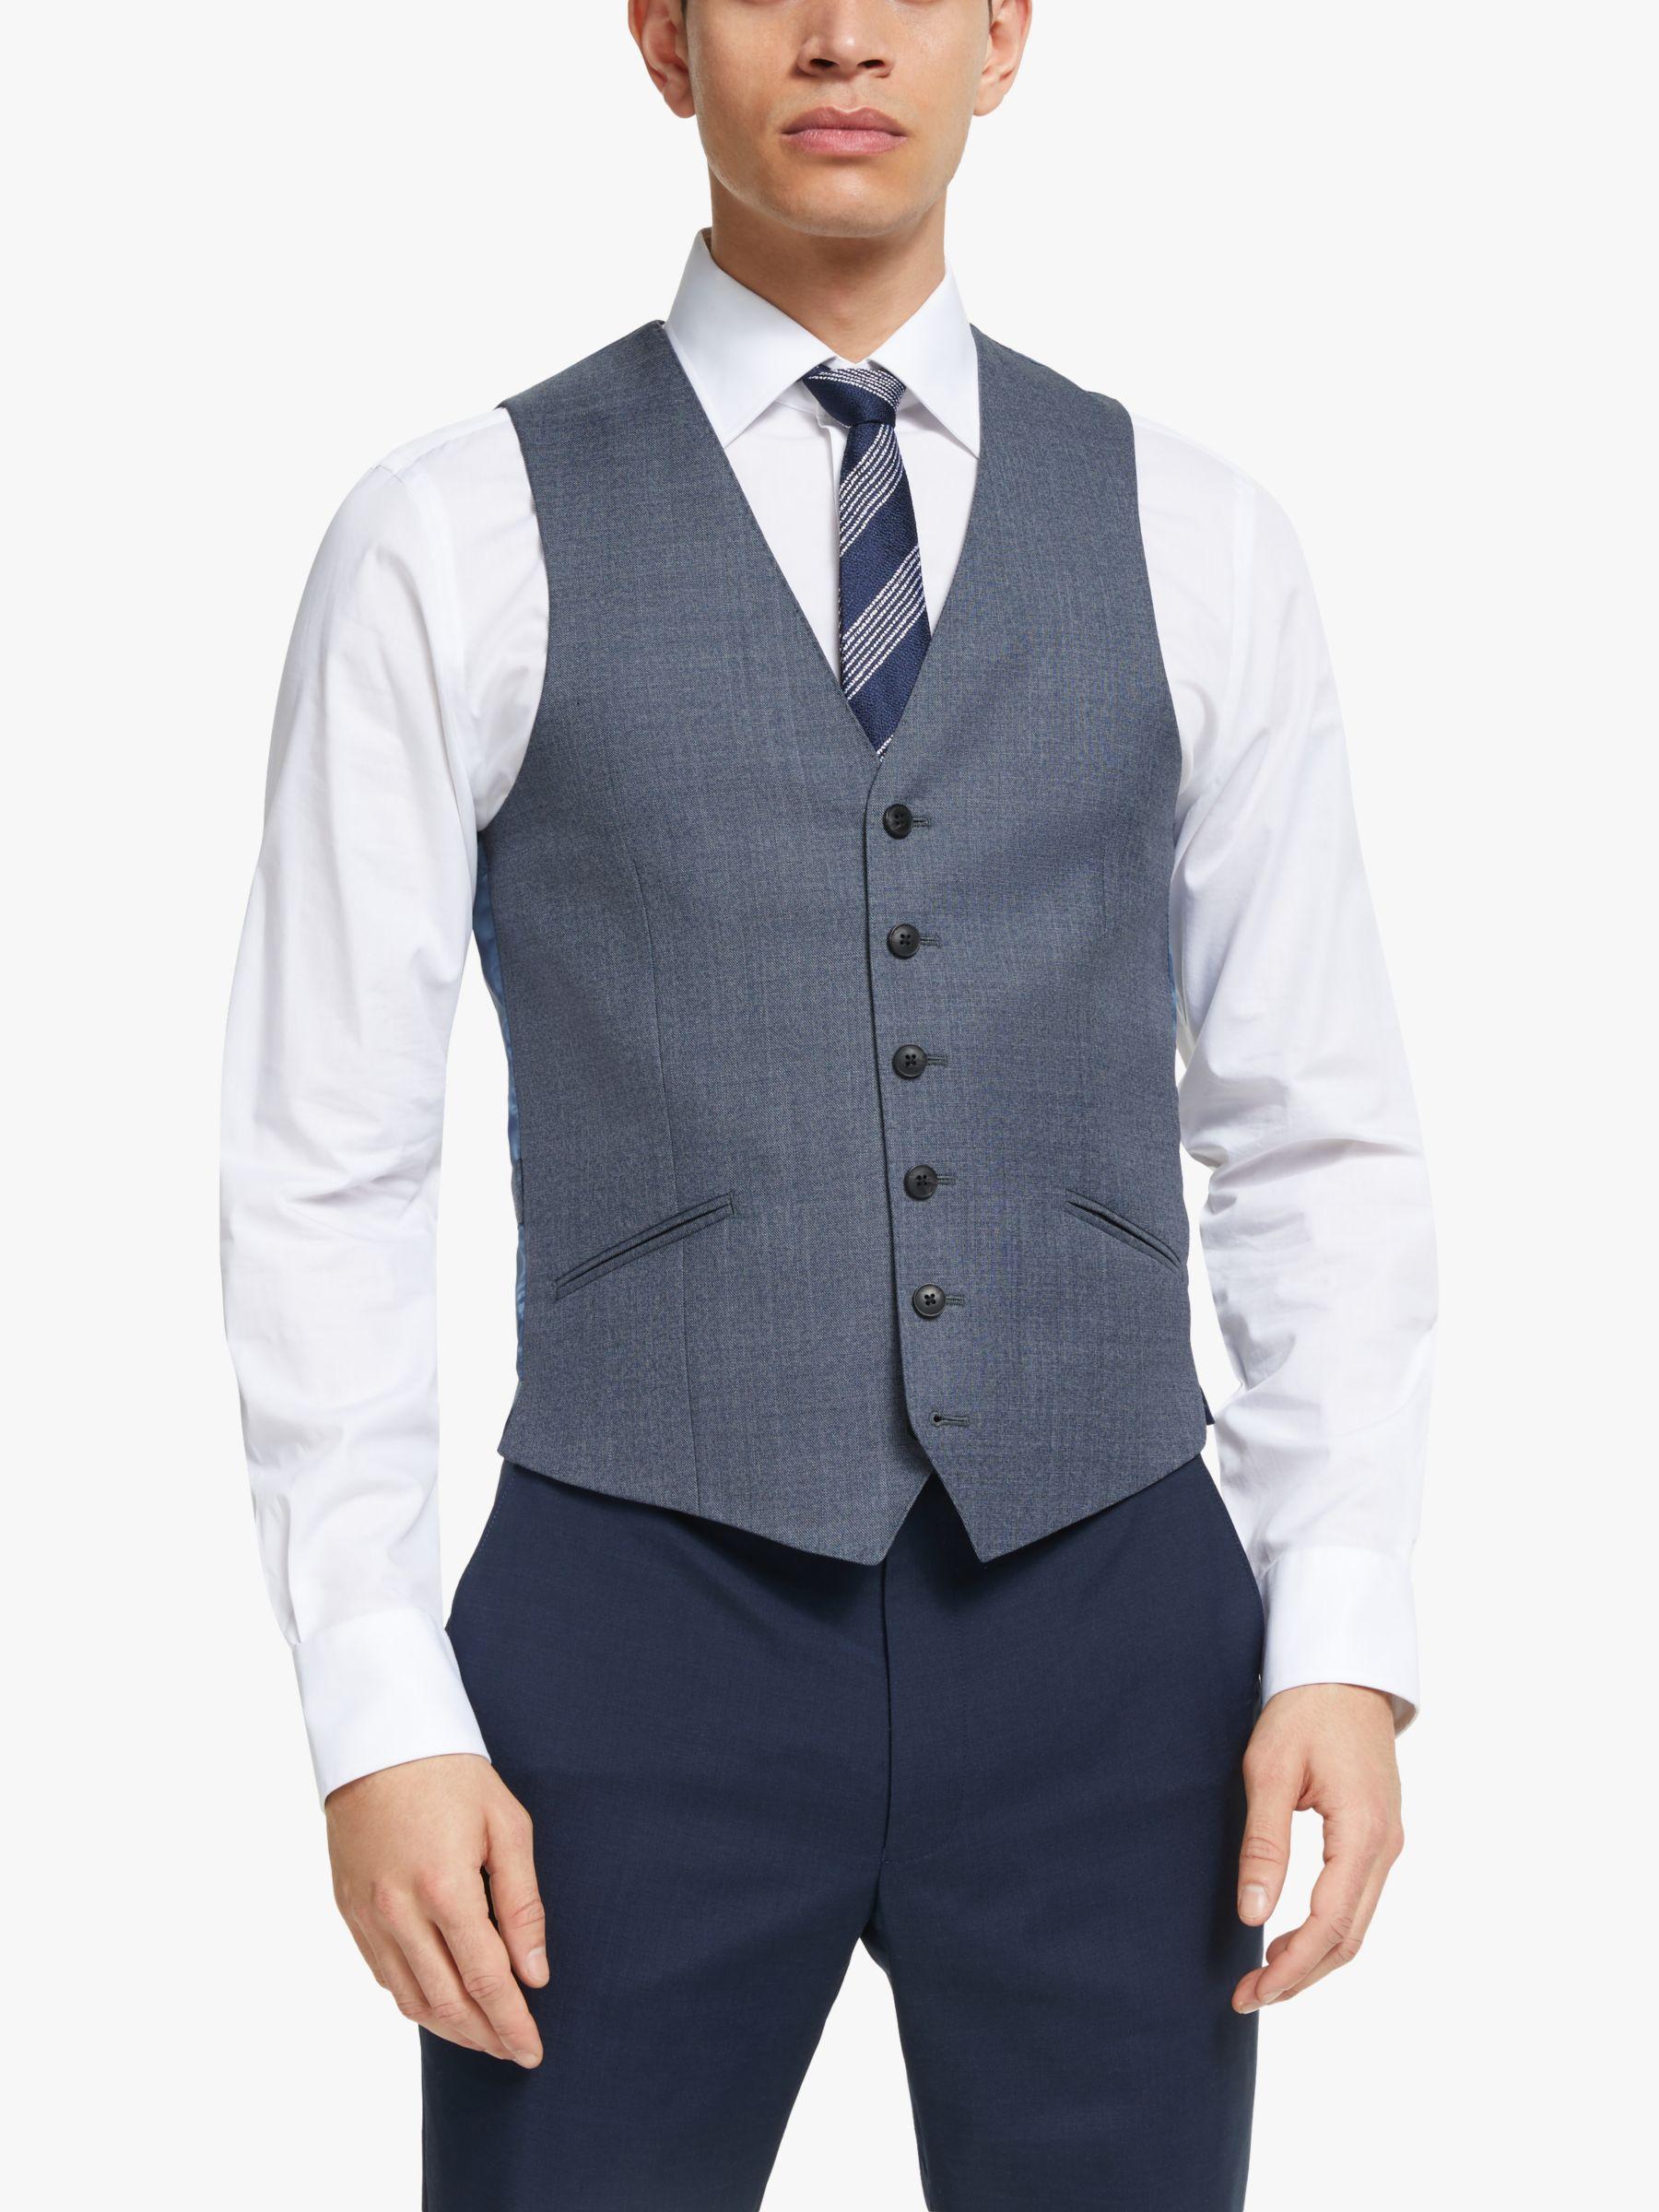 Richard James Mayfair Richard James Mayfair Melange Sharkskin Tailored Waistcoat, Blue